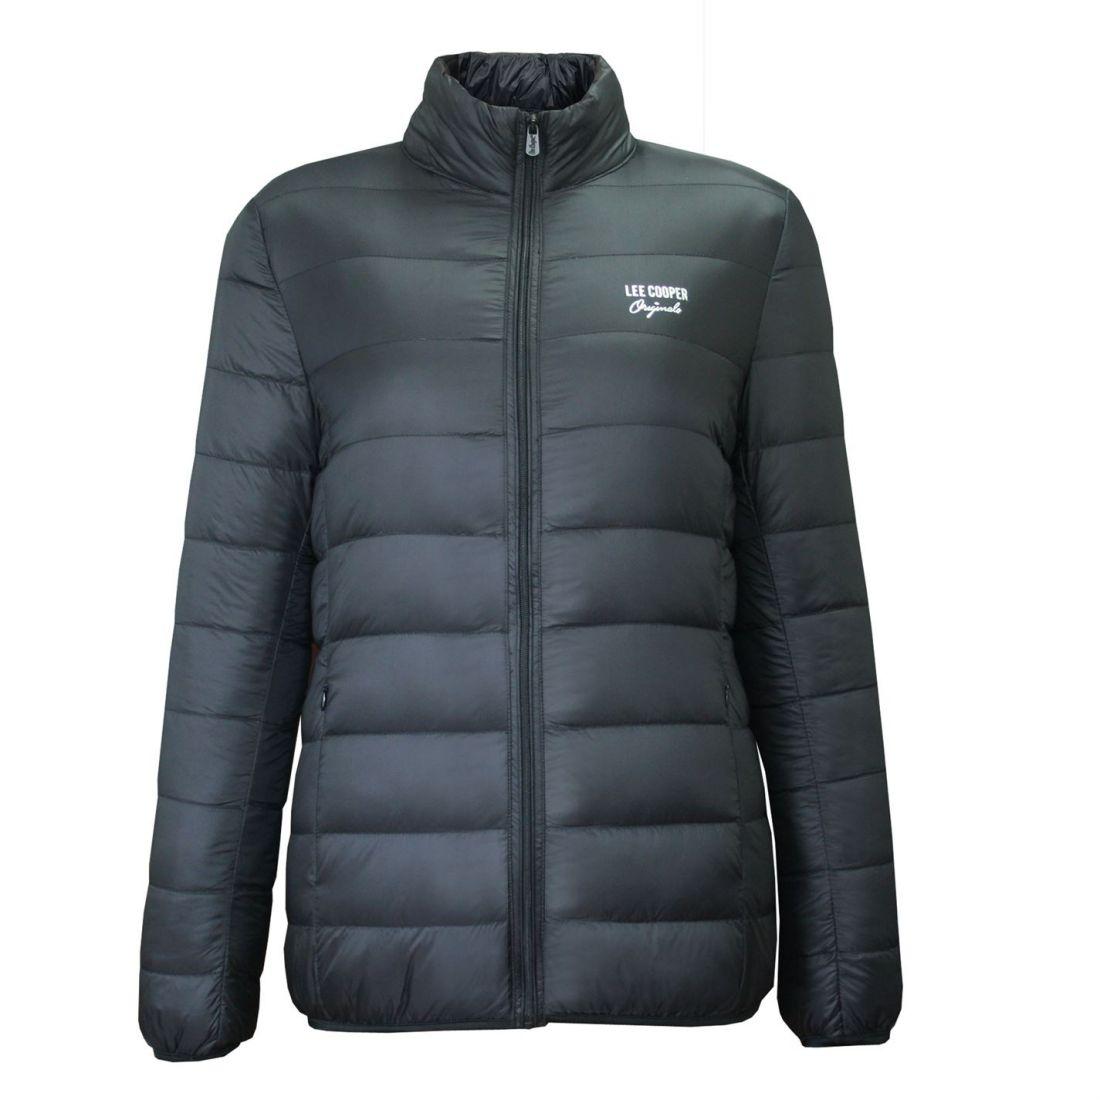 d33ba2407c Lee Cooper Womens Originals Xlite Down Jacket Micro Bubble Coat Top ...